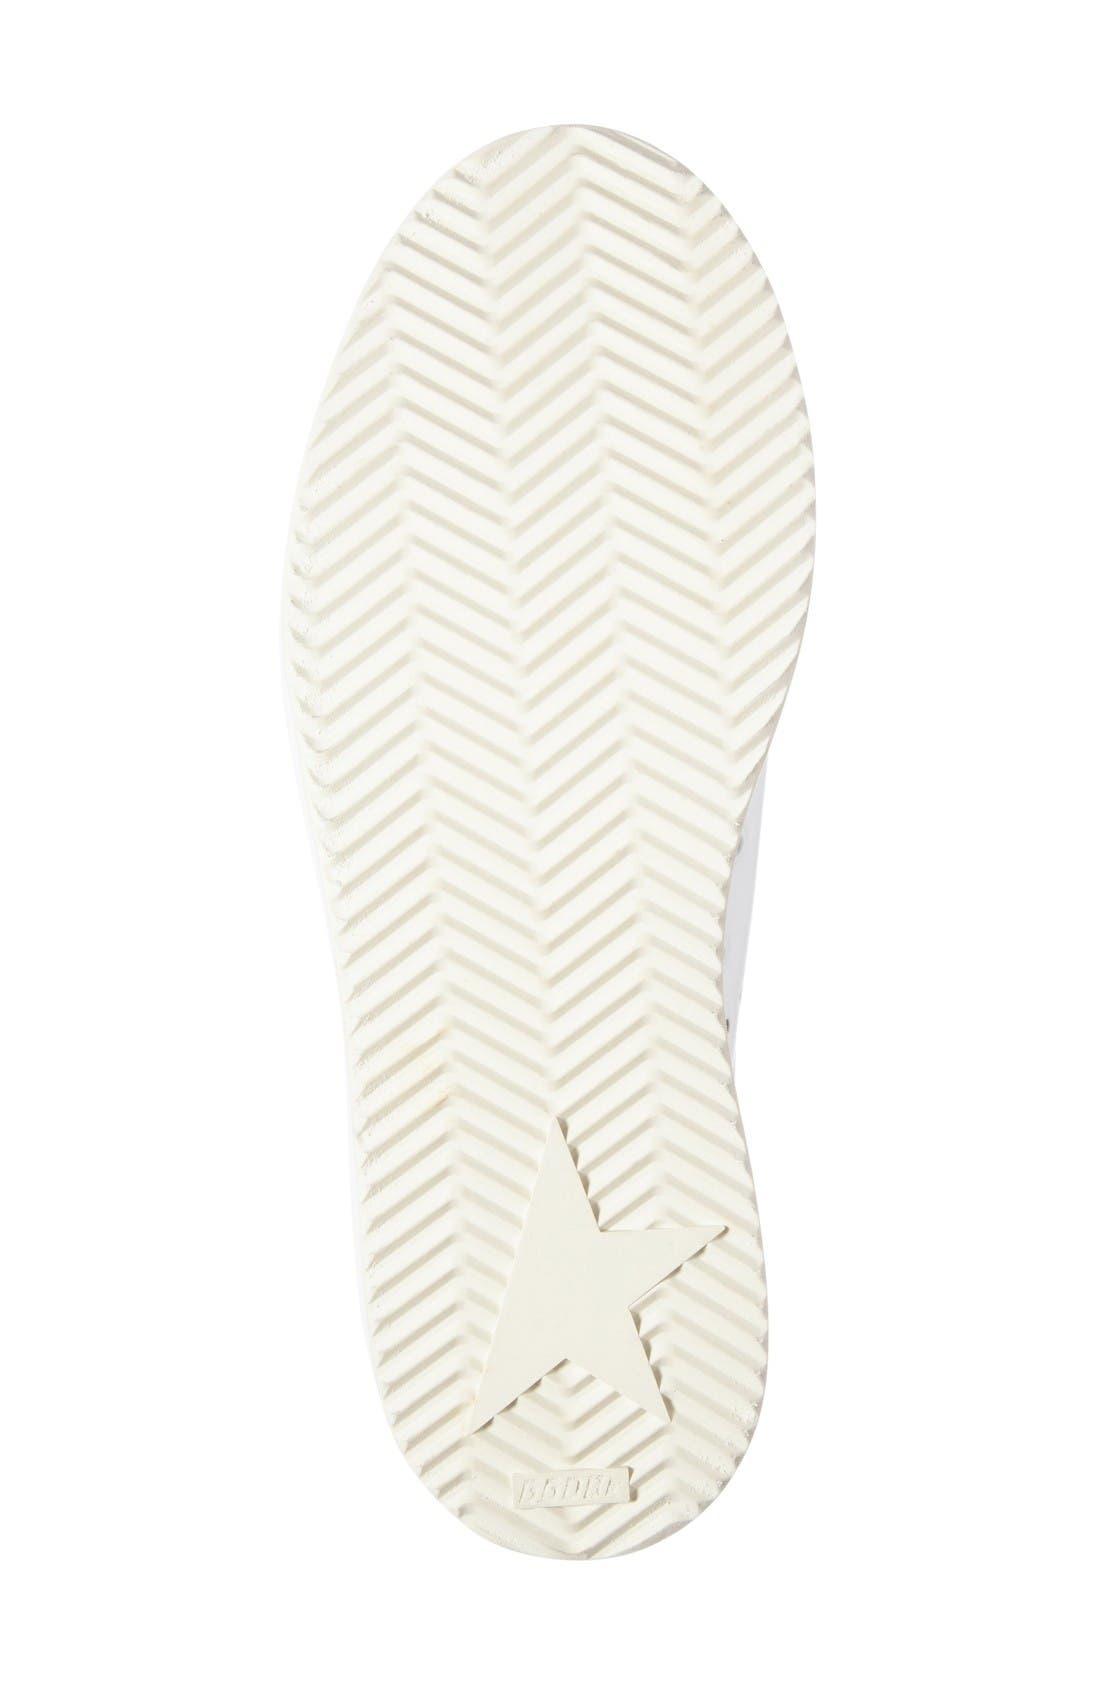 'Starter' Low Top Sneaker,                             Alternate thumbnail 4, color,                             White/ Silver Glitter